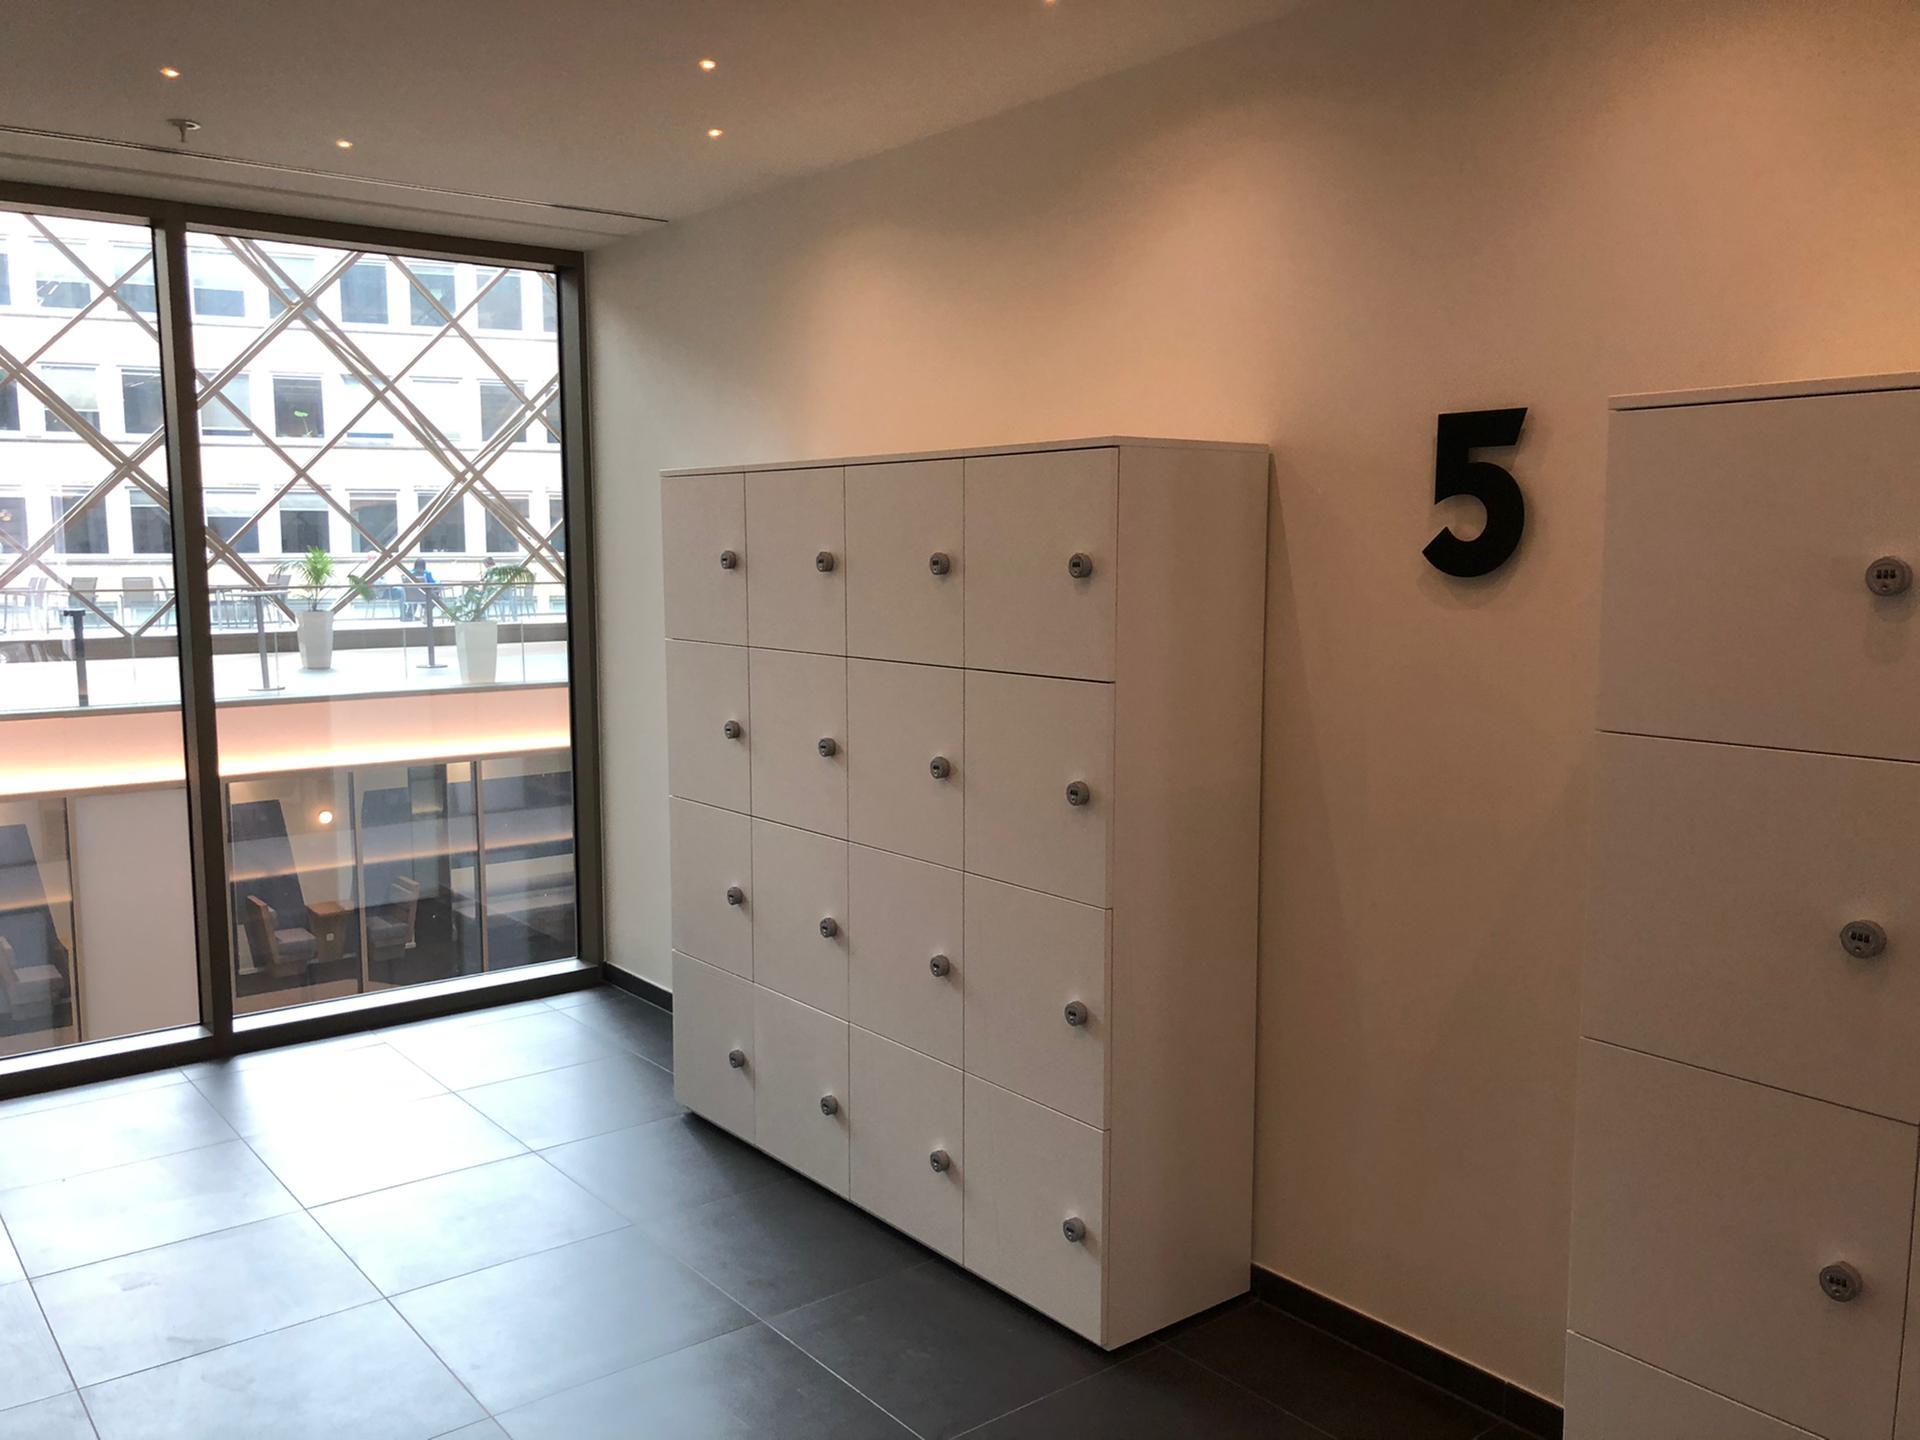 Wayfinding kantoorgebouwen bij Tweed in Brussel, verdiepingnummer uitgefreesd, door Actual Sign, member of the Remotec Group